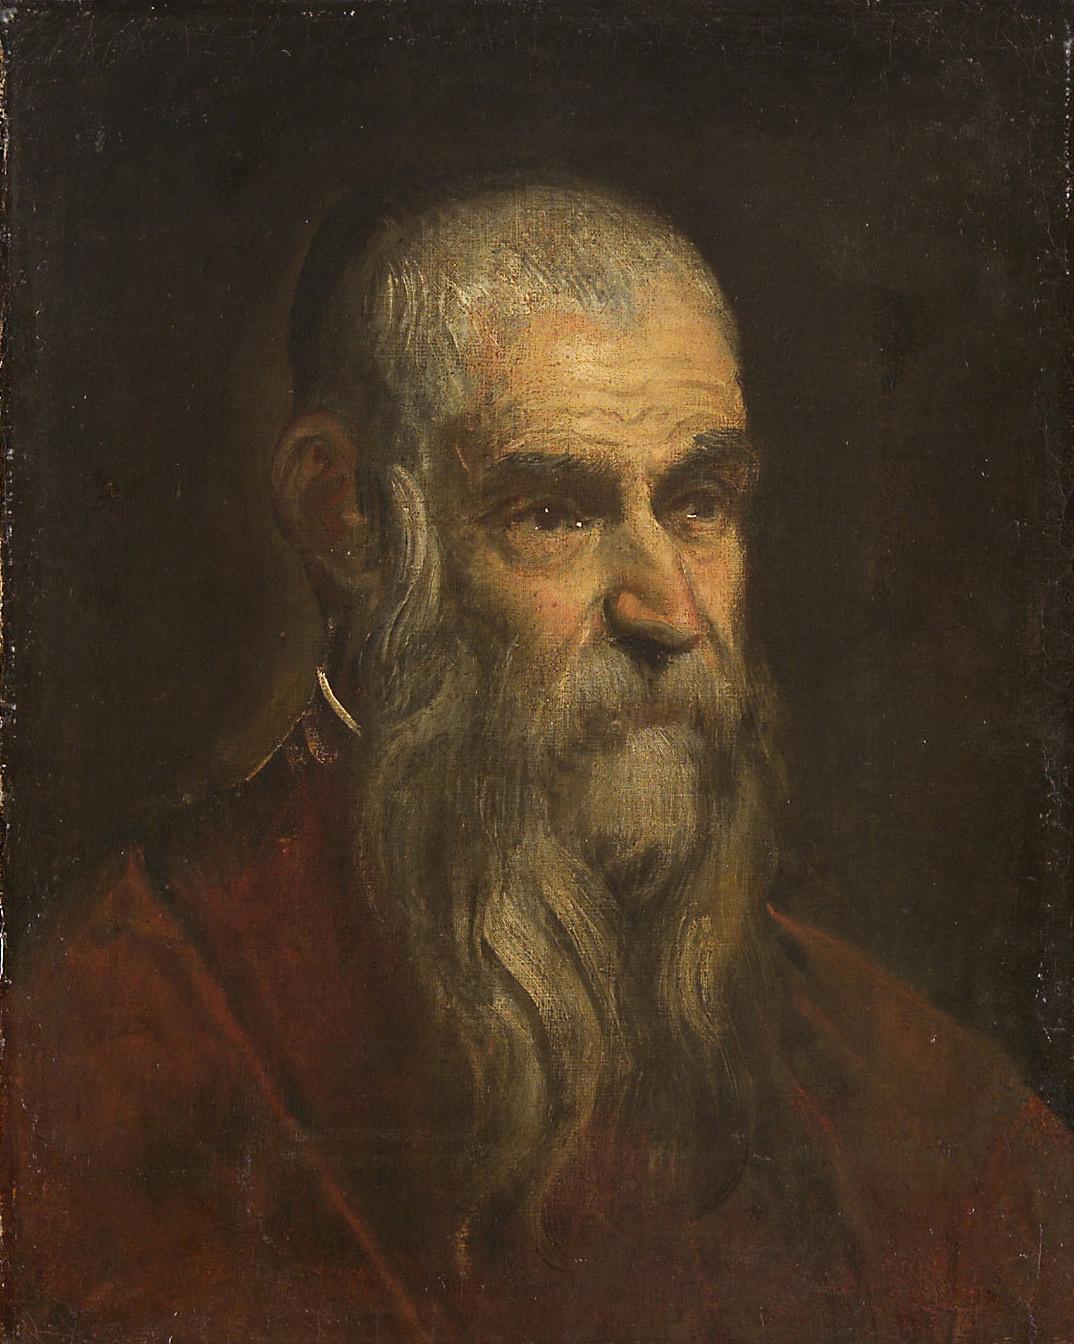 Brustbild eines alten Mannes von Domenico Robusti, gen. Domenico Tintoretto